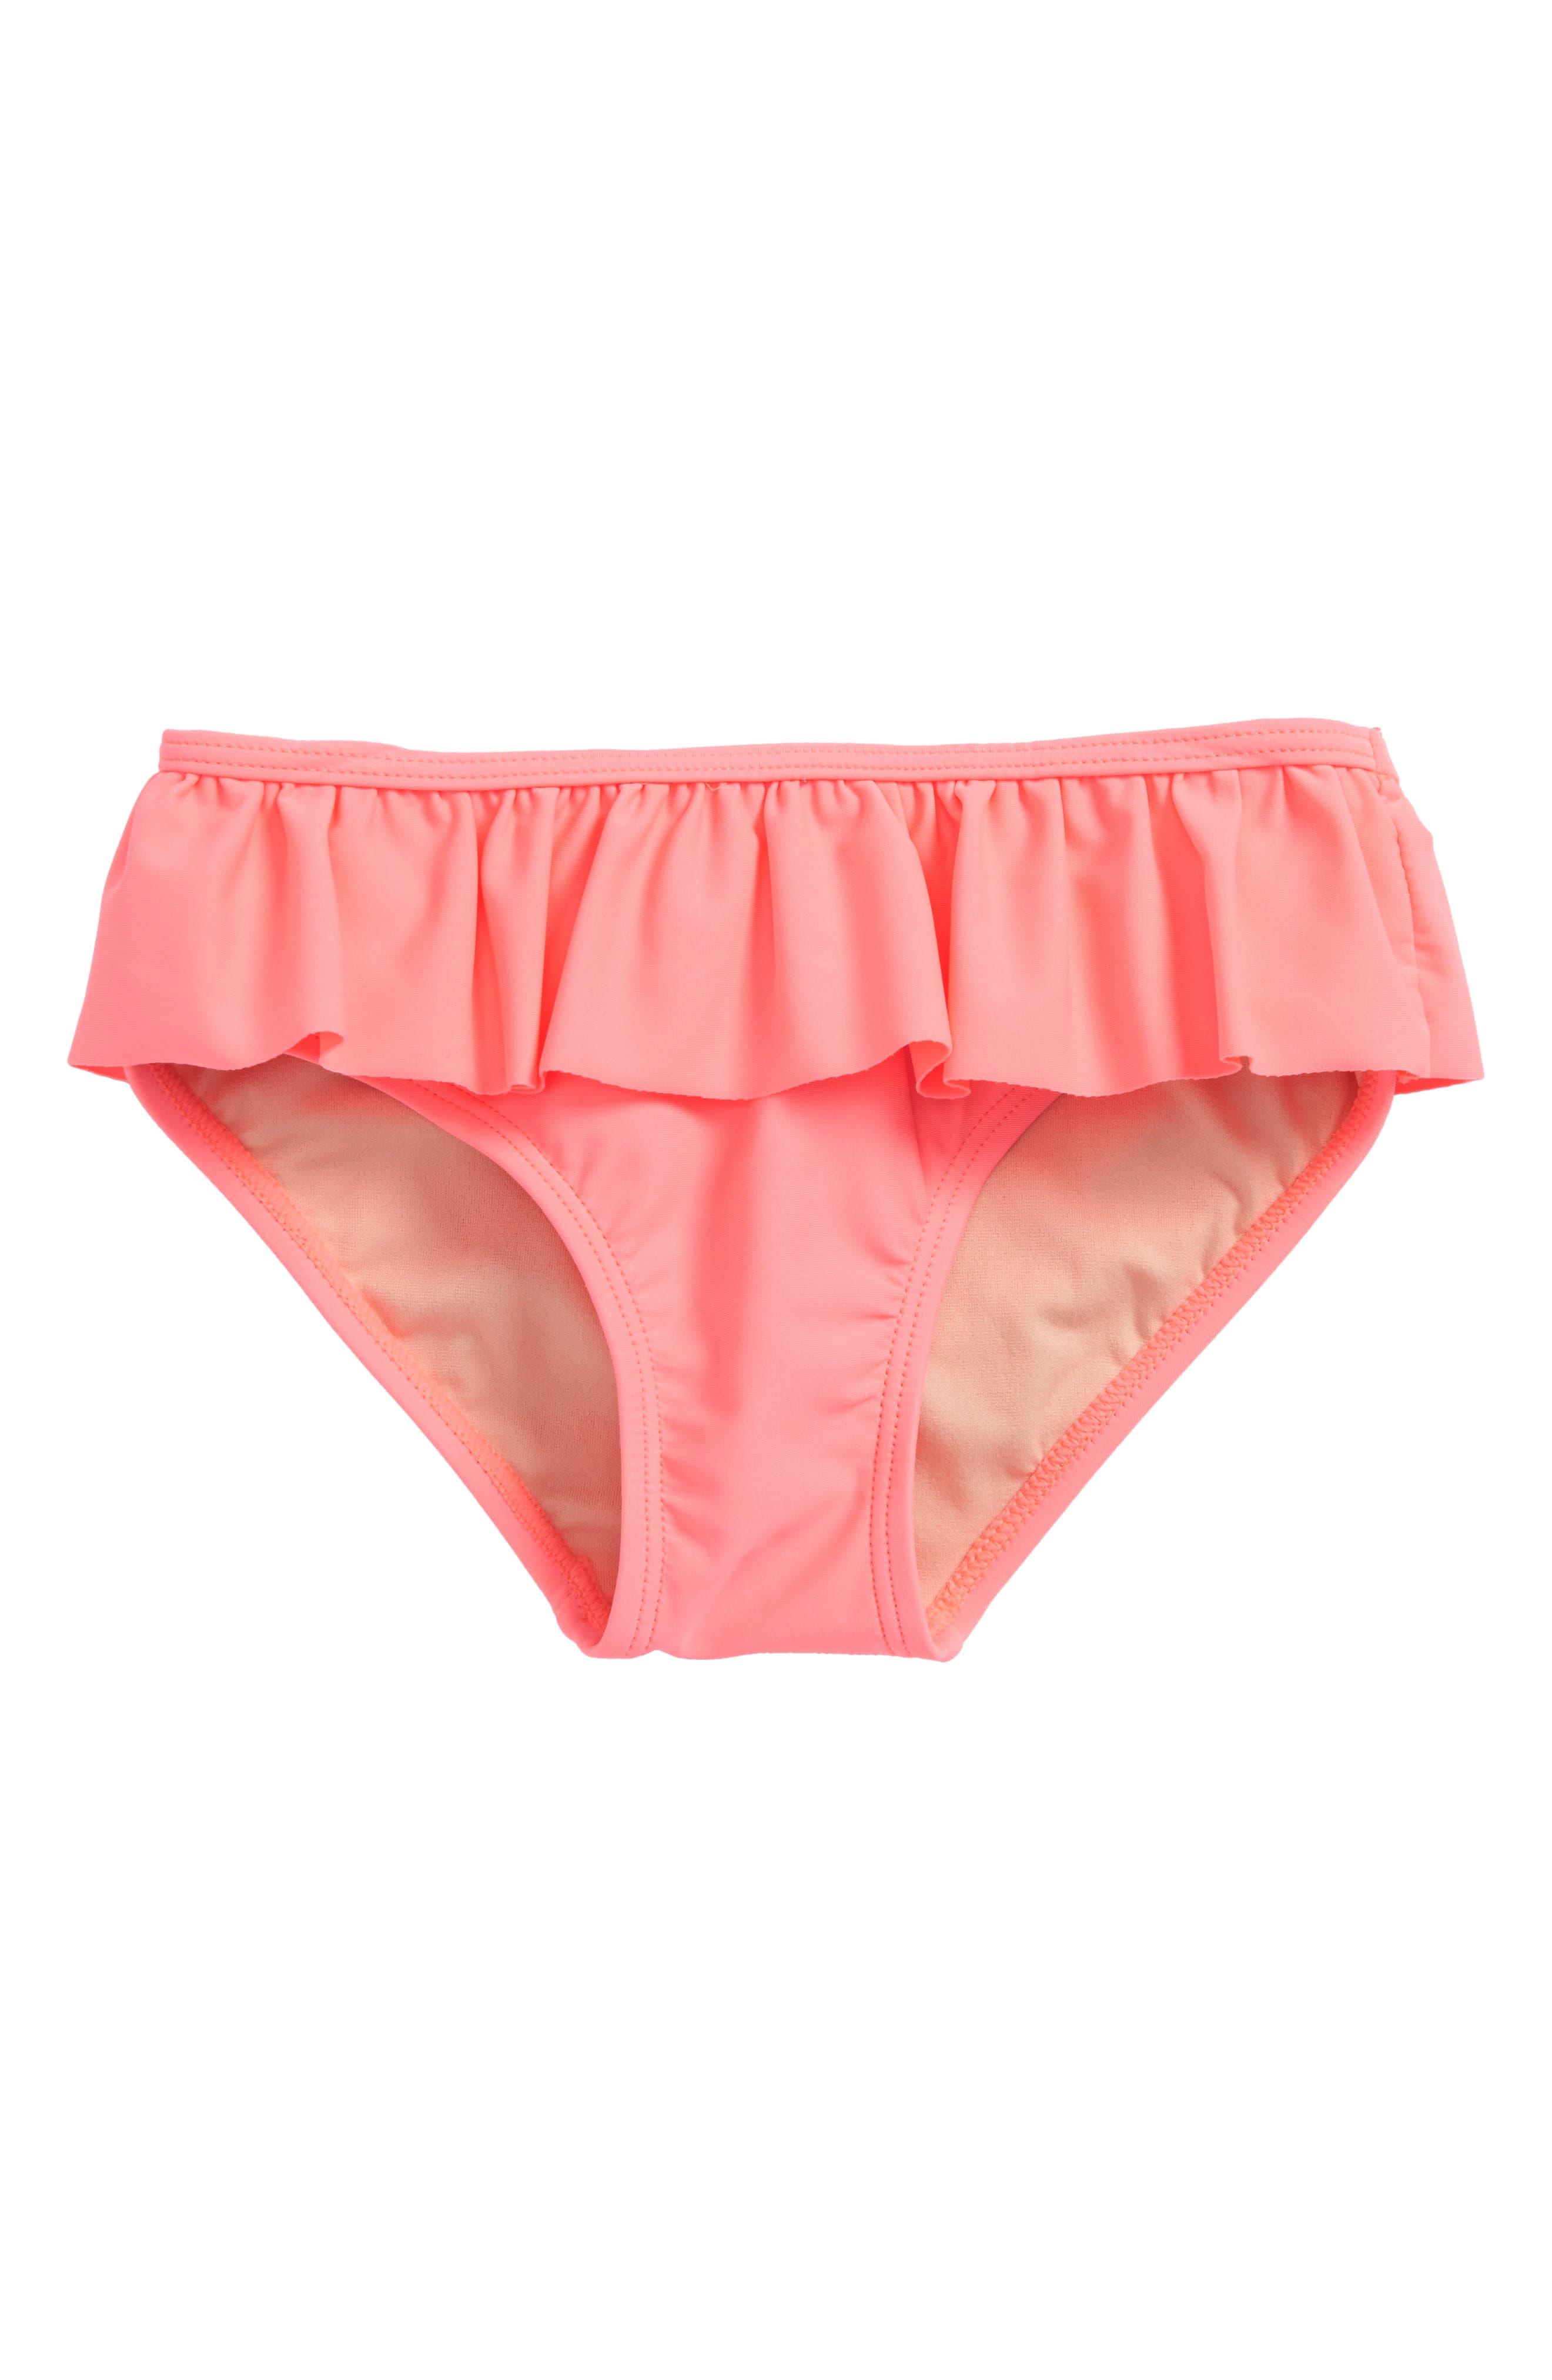 Solid Ruffle Bikini Bottoms,                             Main thumbnail 1, color,                             Parasol Pink